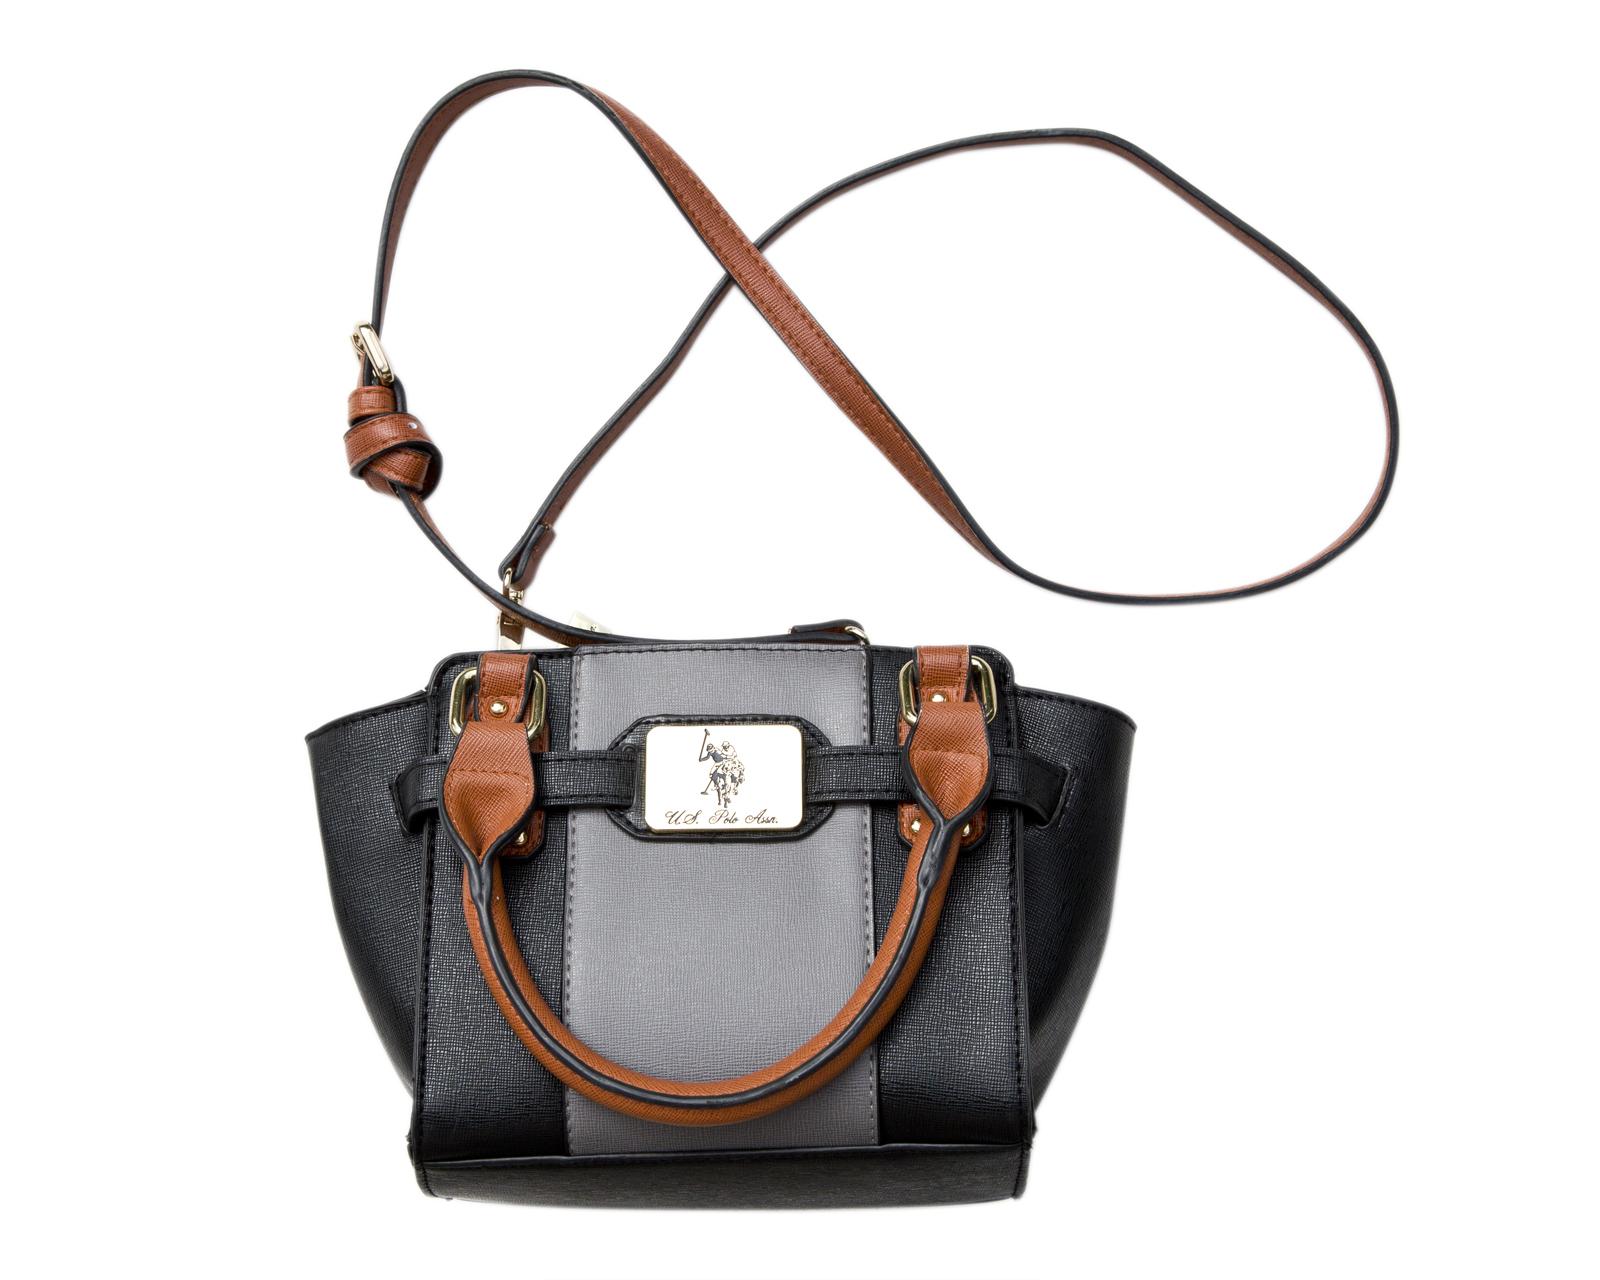 US Polo Assn. Handbag